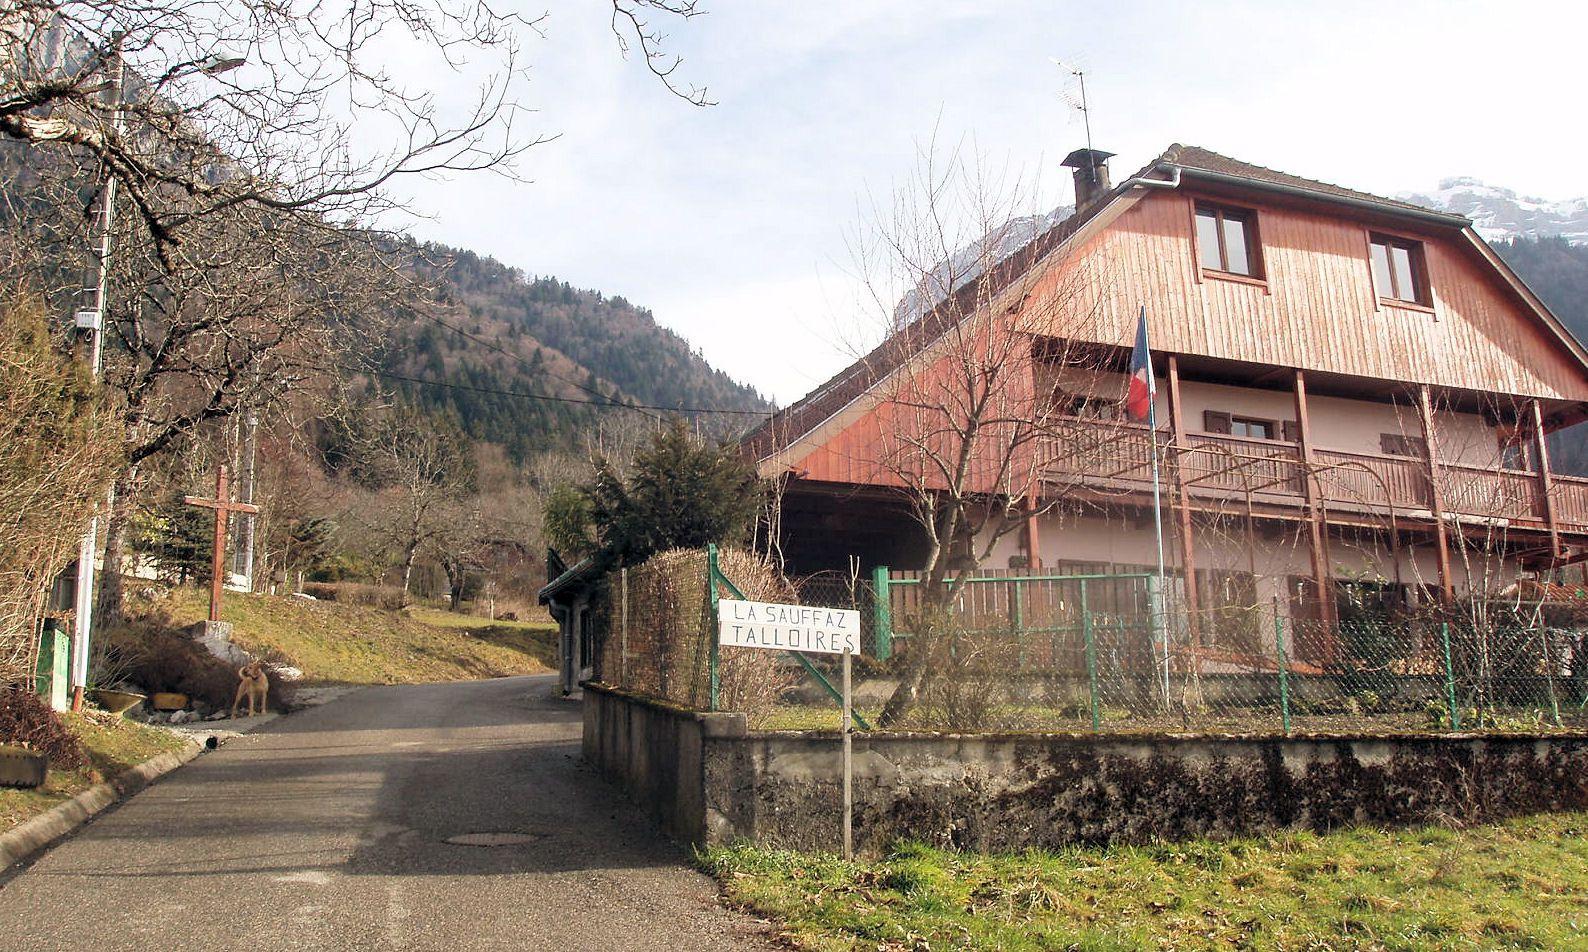 Suivre le chemin de La Sauffaz jusqu'au bout et prendre à droite (panneaux indicateurs)